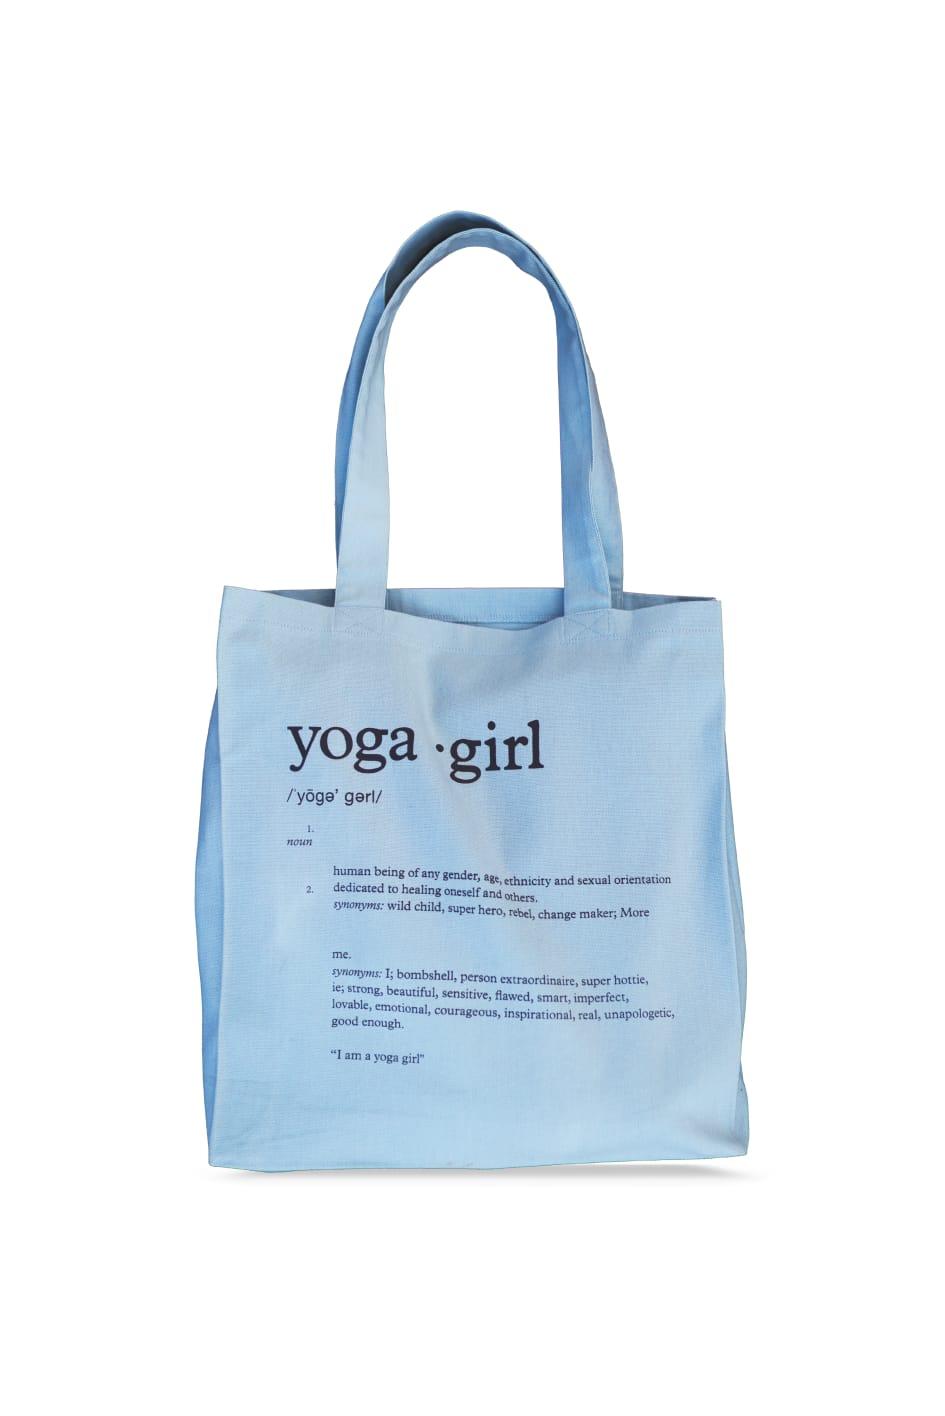 Yoga Girl definition tote - Yoga Girl®